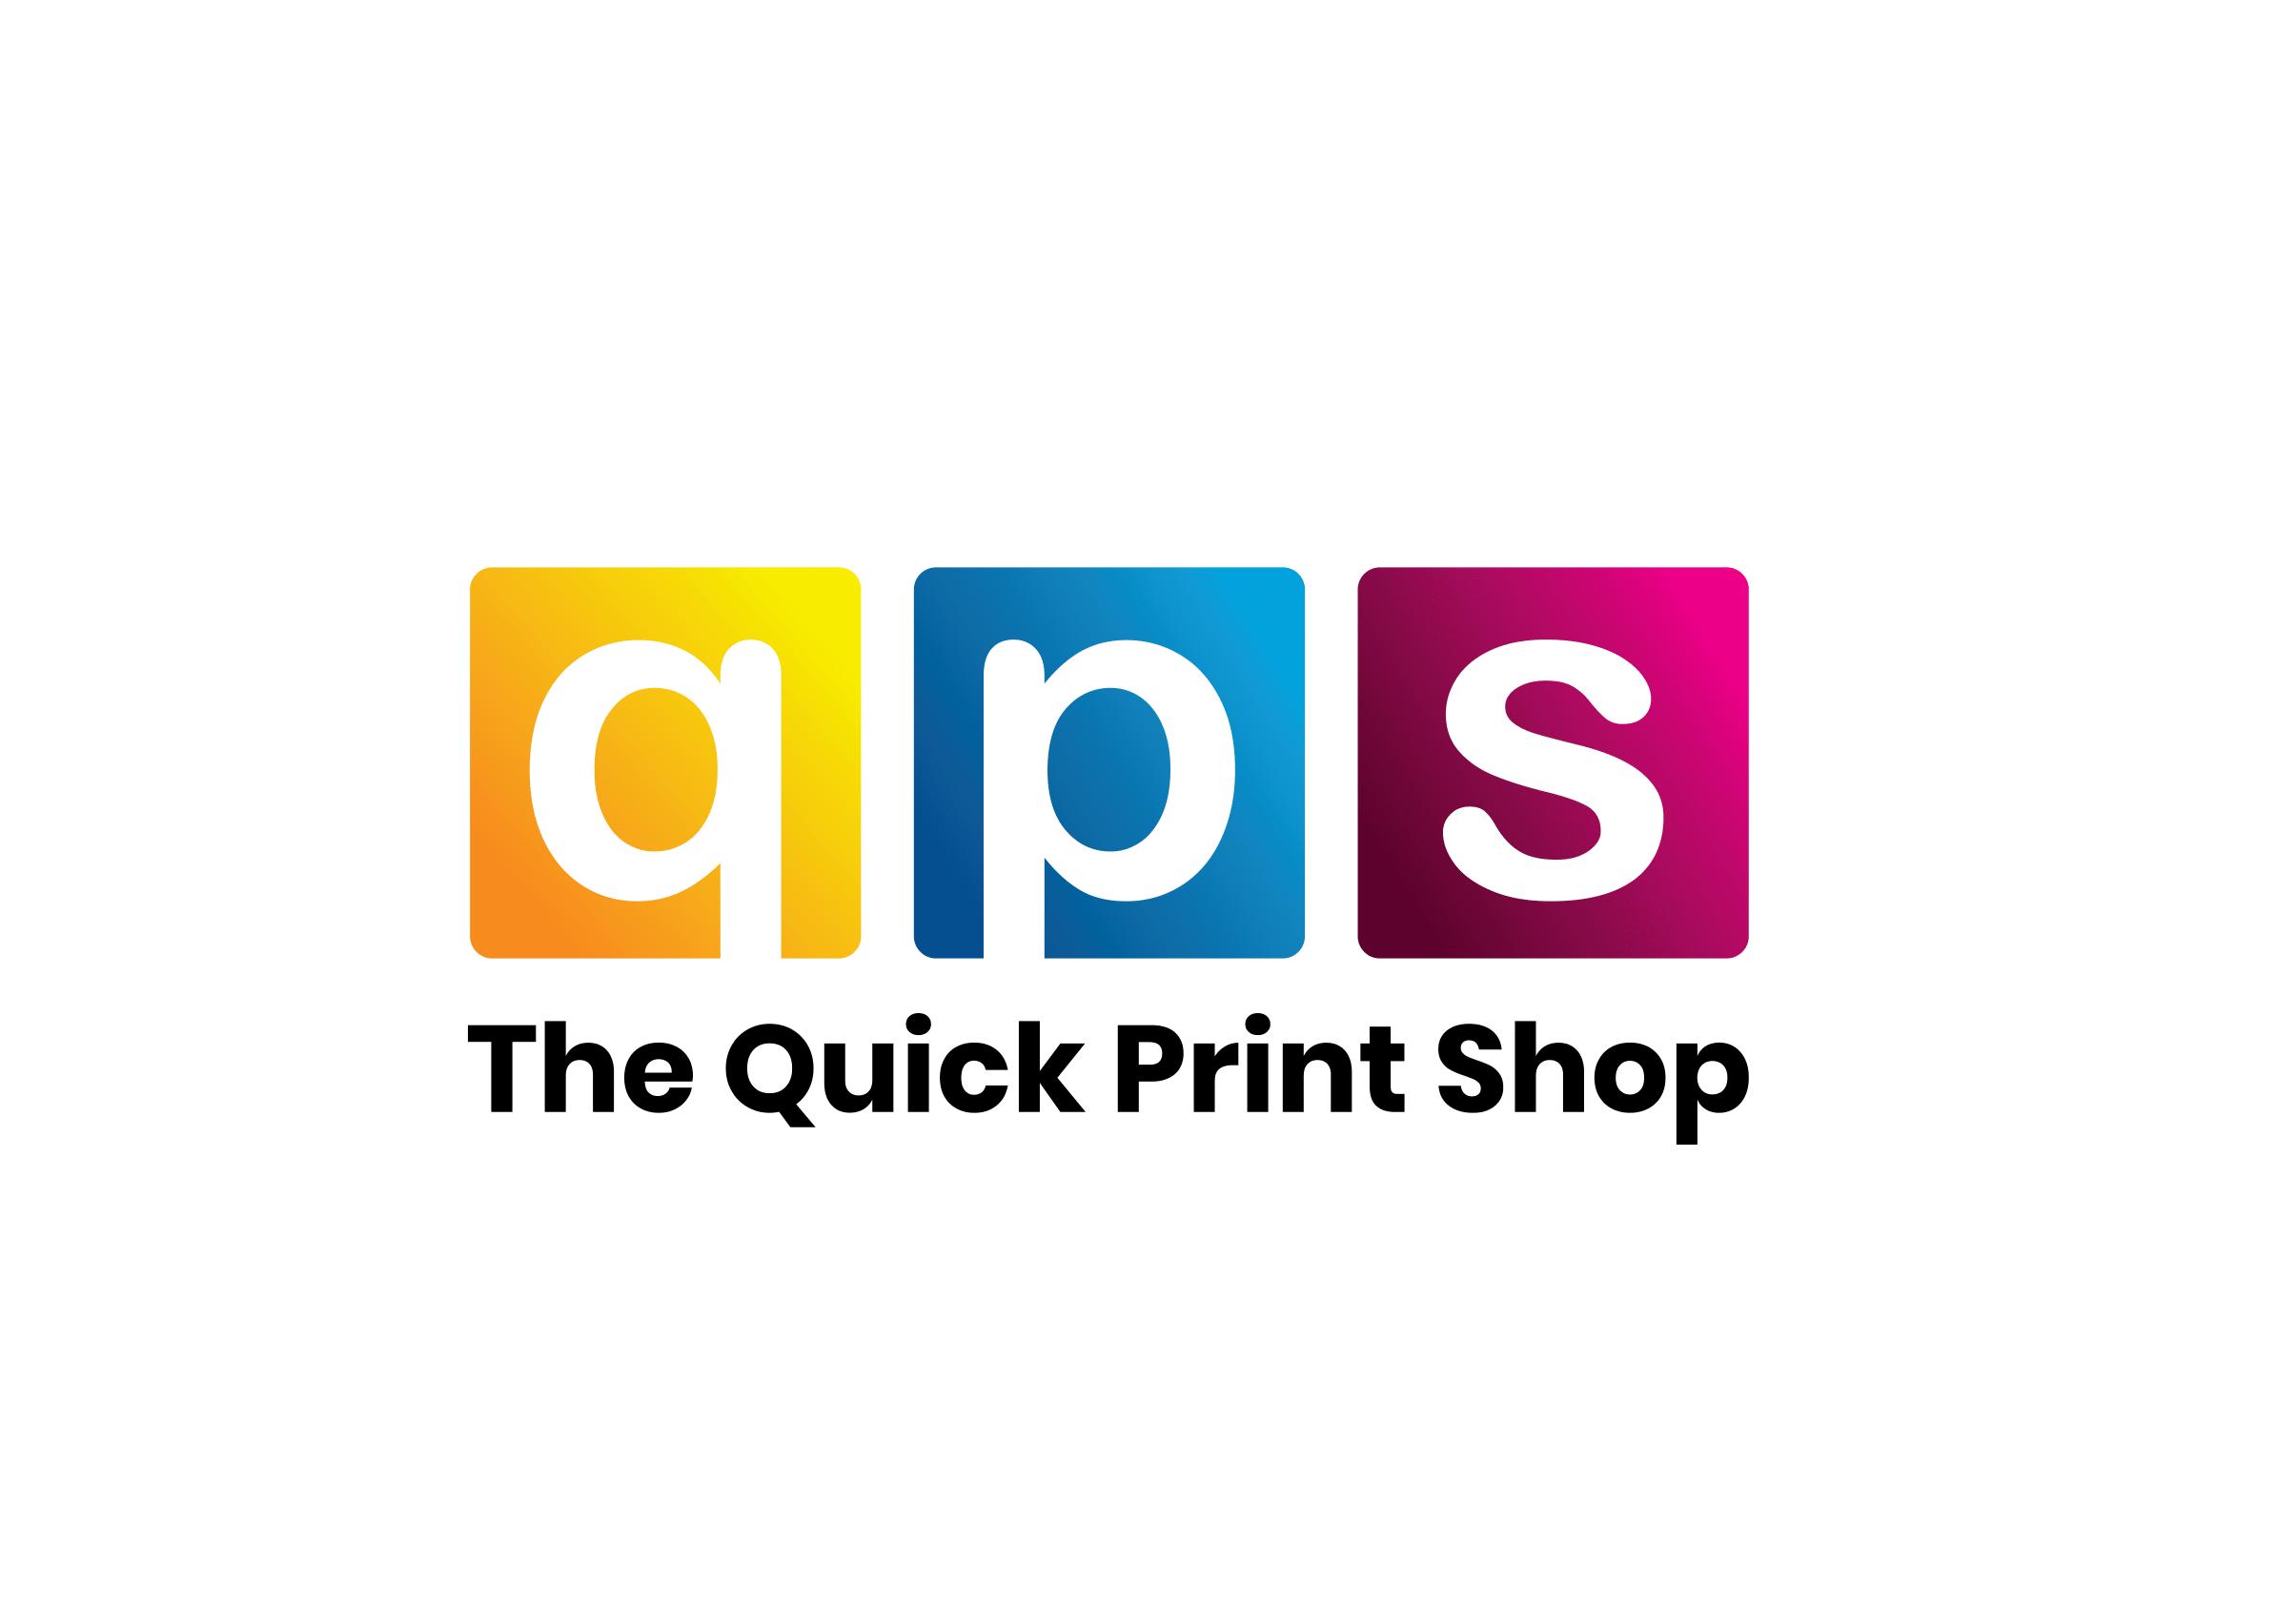 The Quick Print Shop